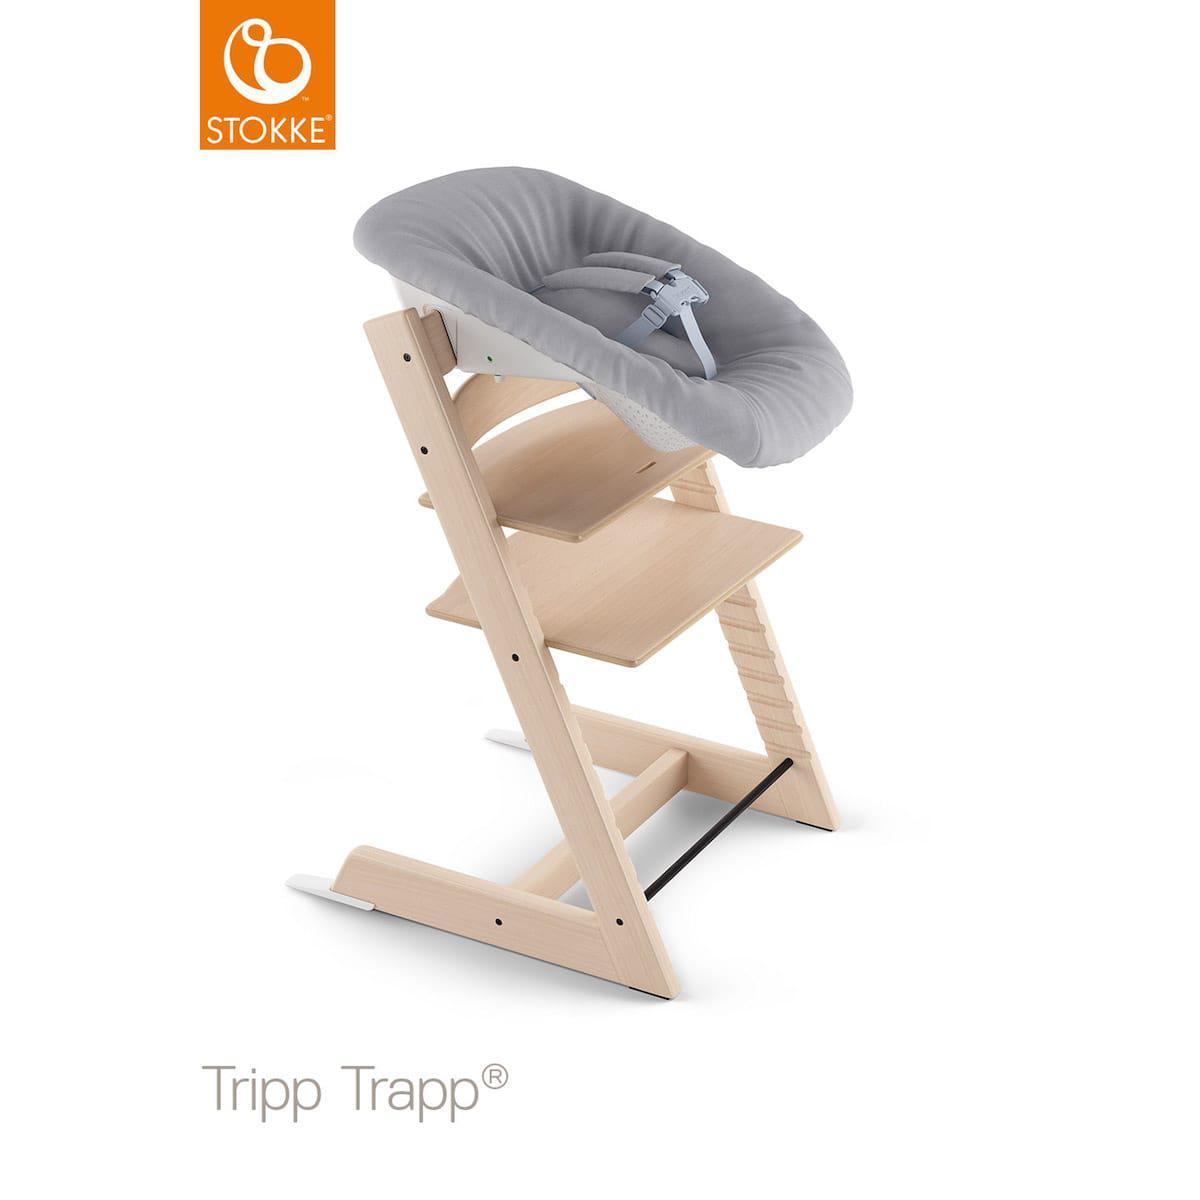 Transat nouveau-né TRIPP TRAPP V2 Stokke gris